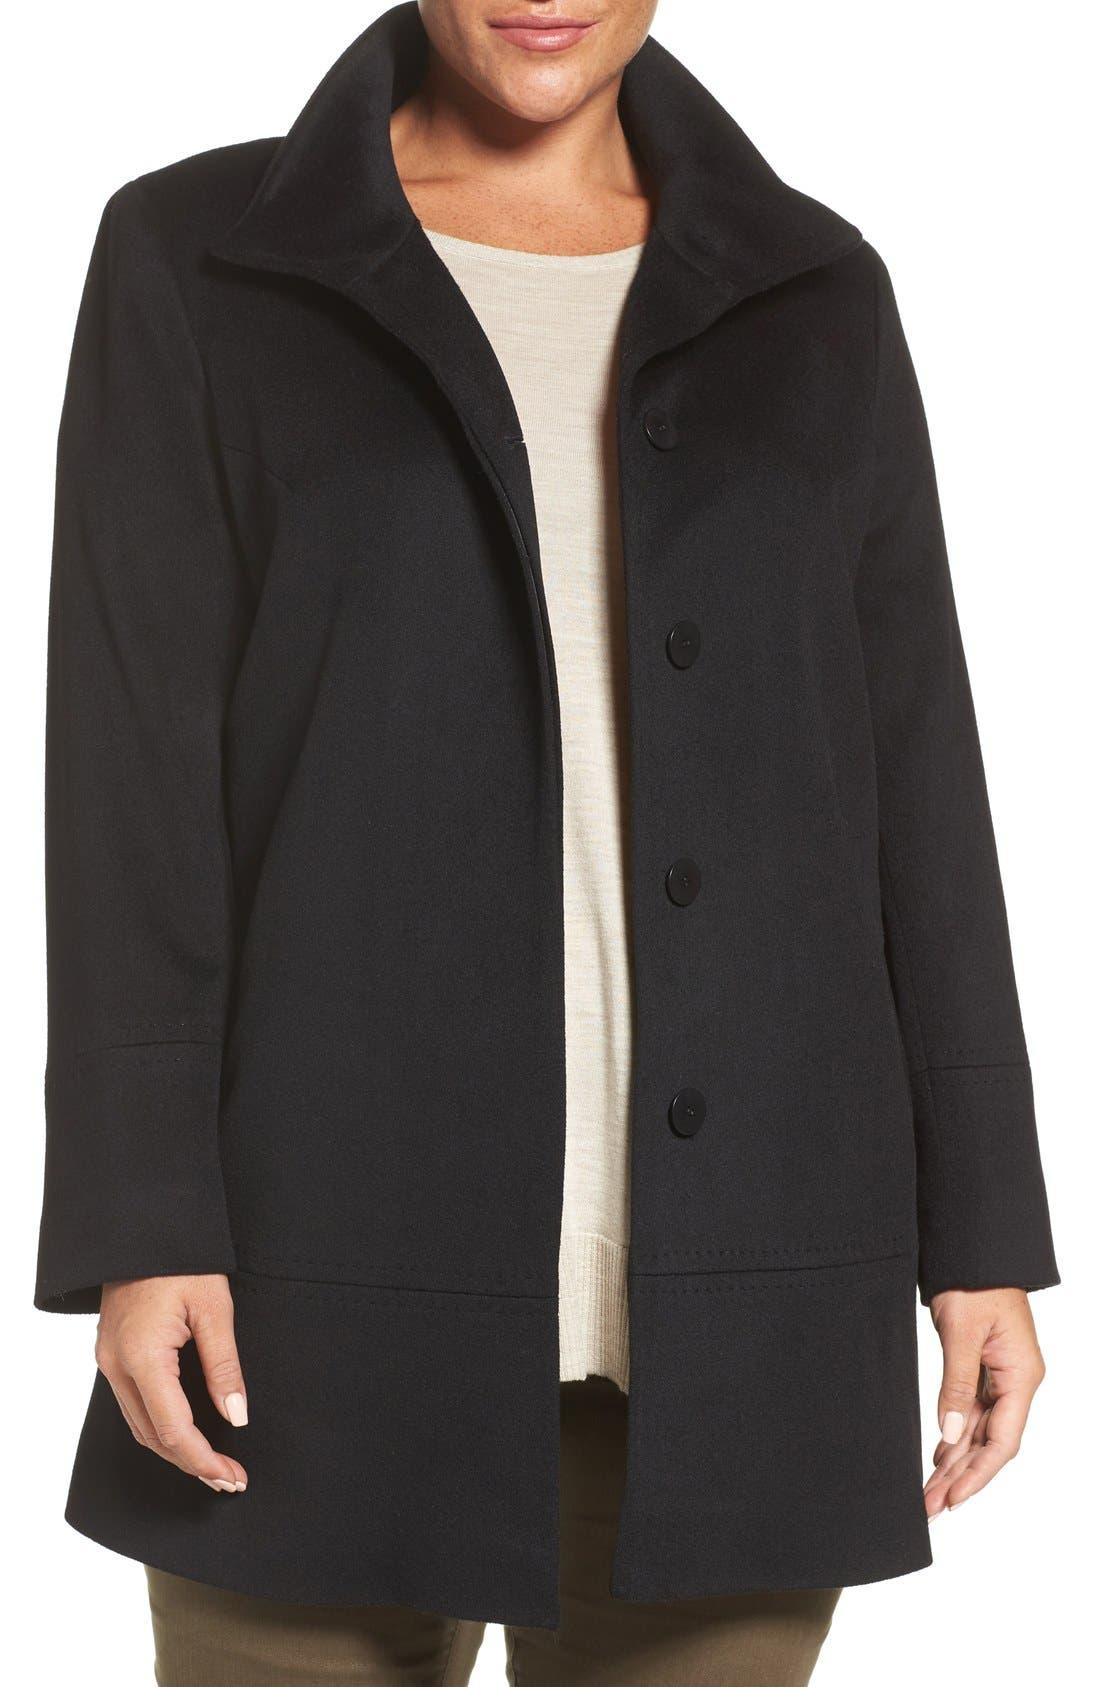 Loro Piana Wool Car Coat,                             Main thumbnail 1, color,                             Black